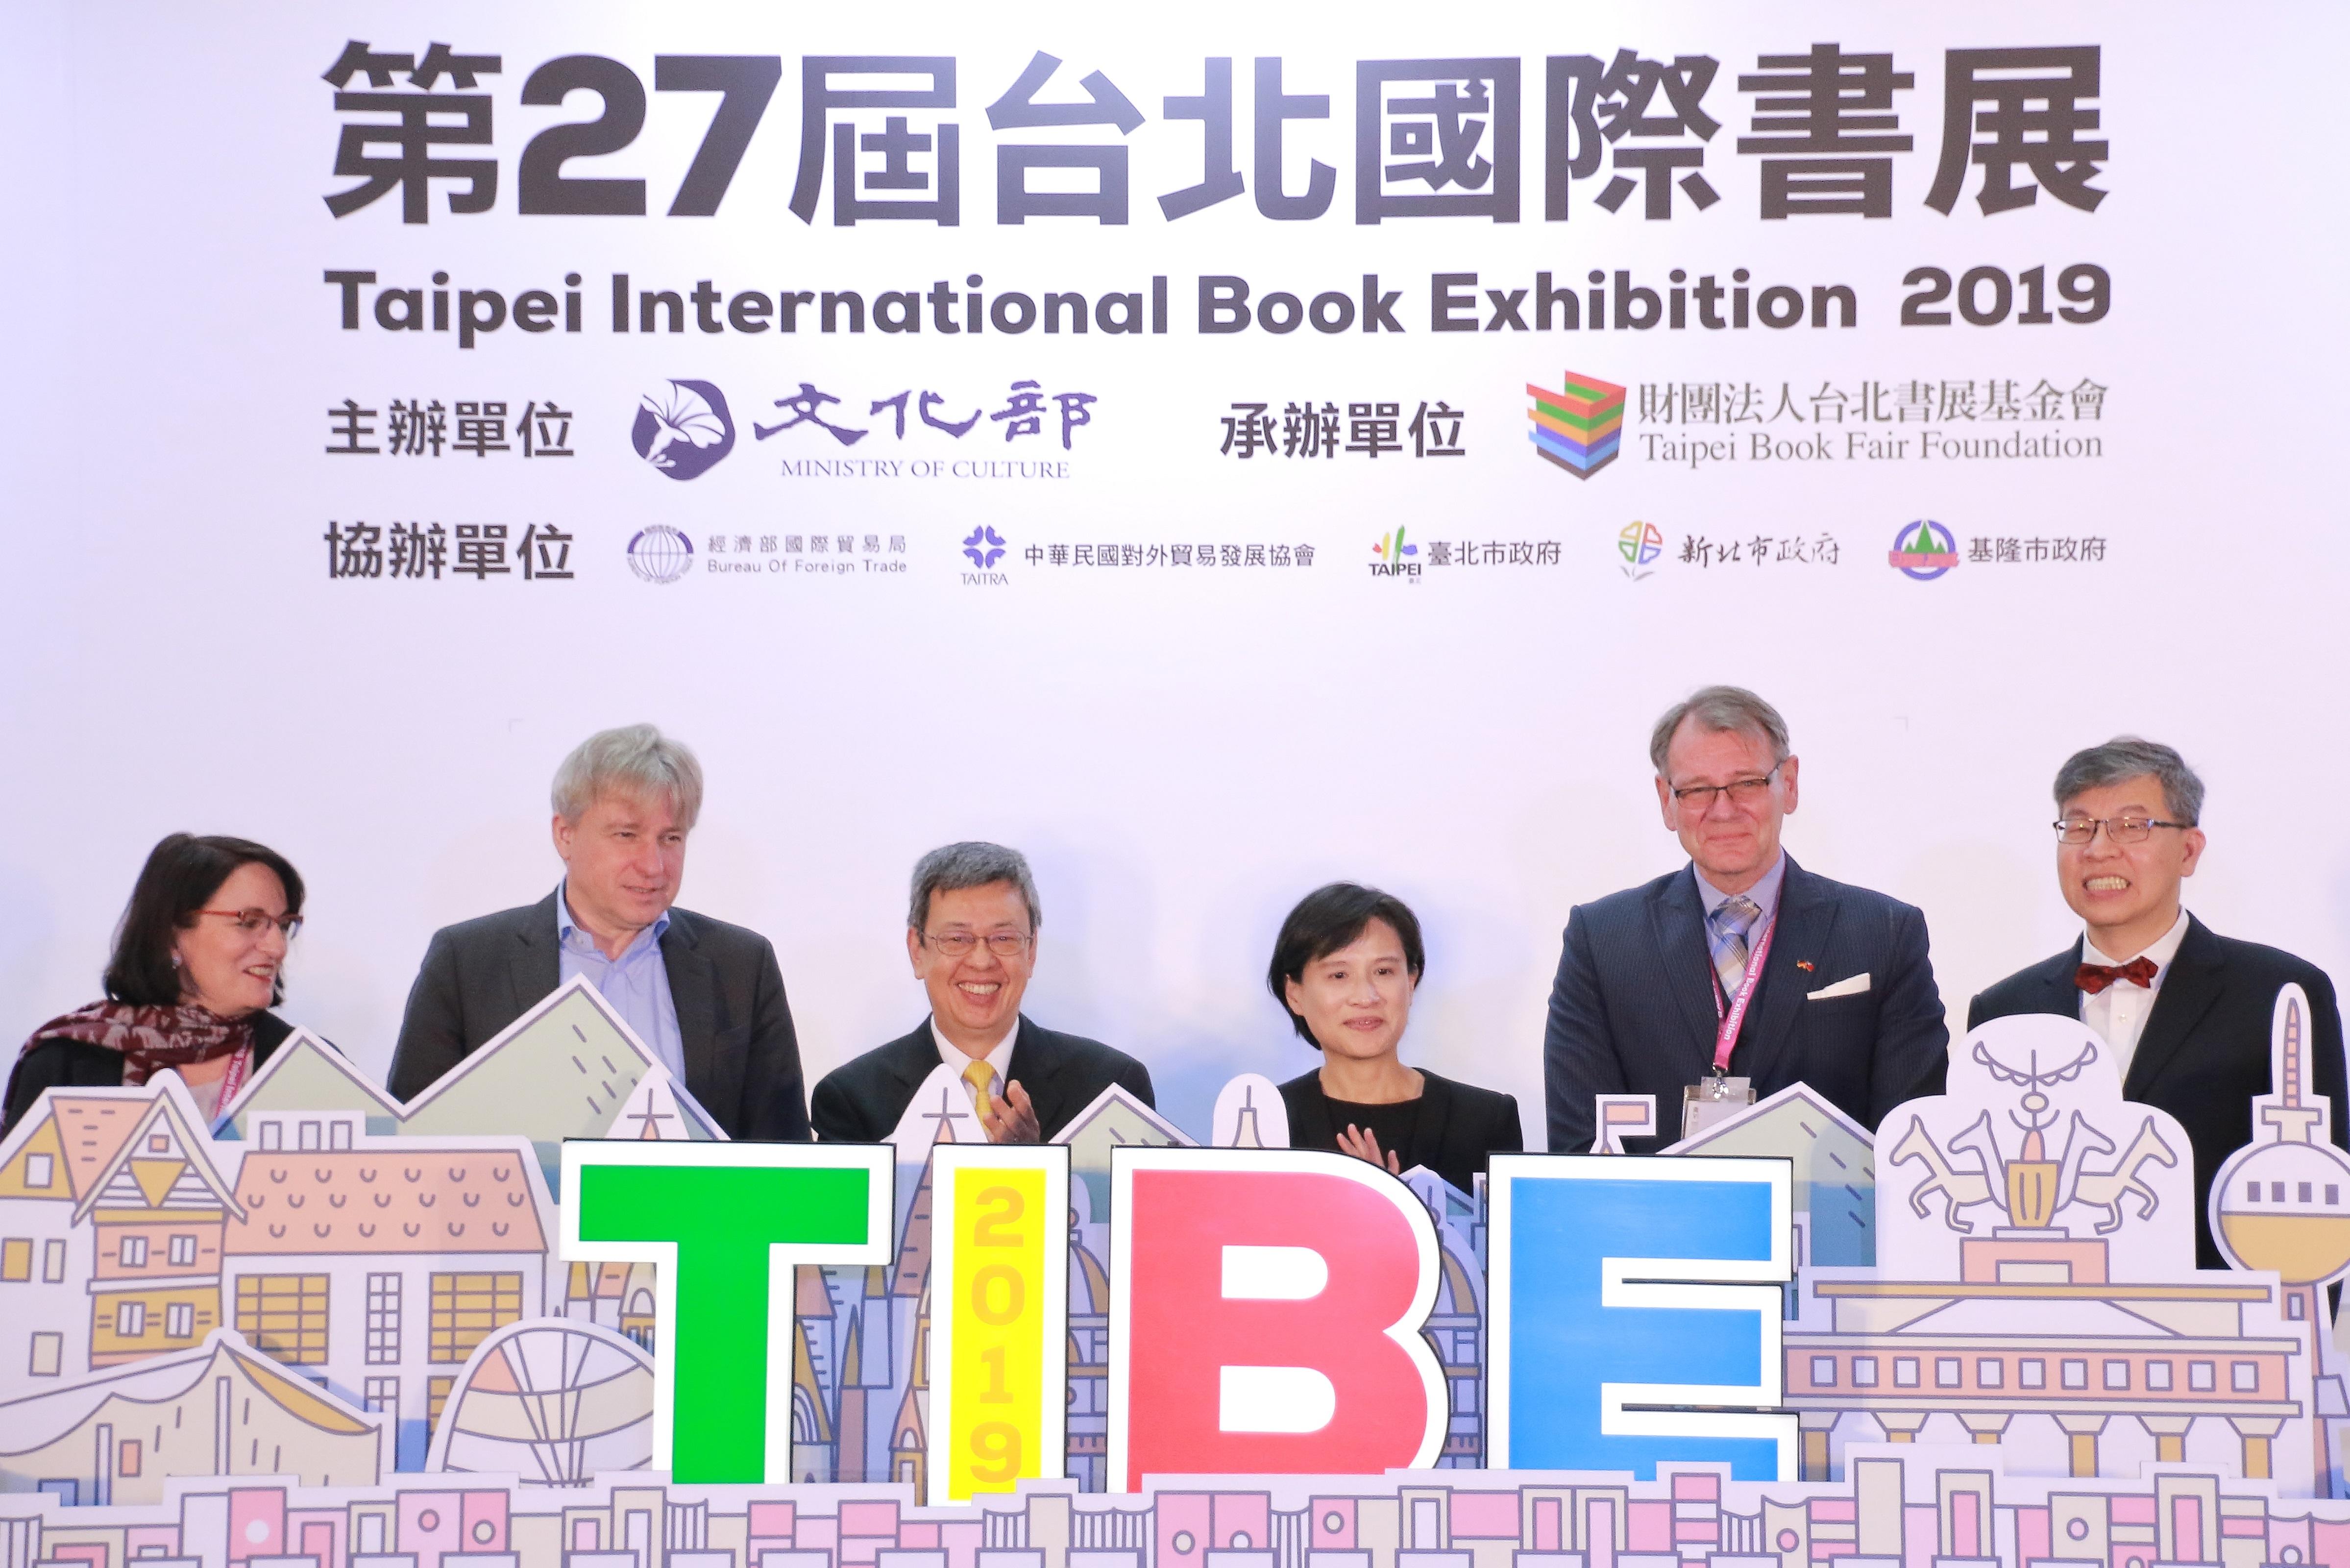 2019台北國際書展盛大開幕, 主題國館德國精彩巨獻 不容錯過